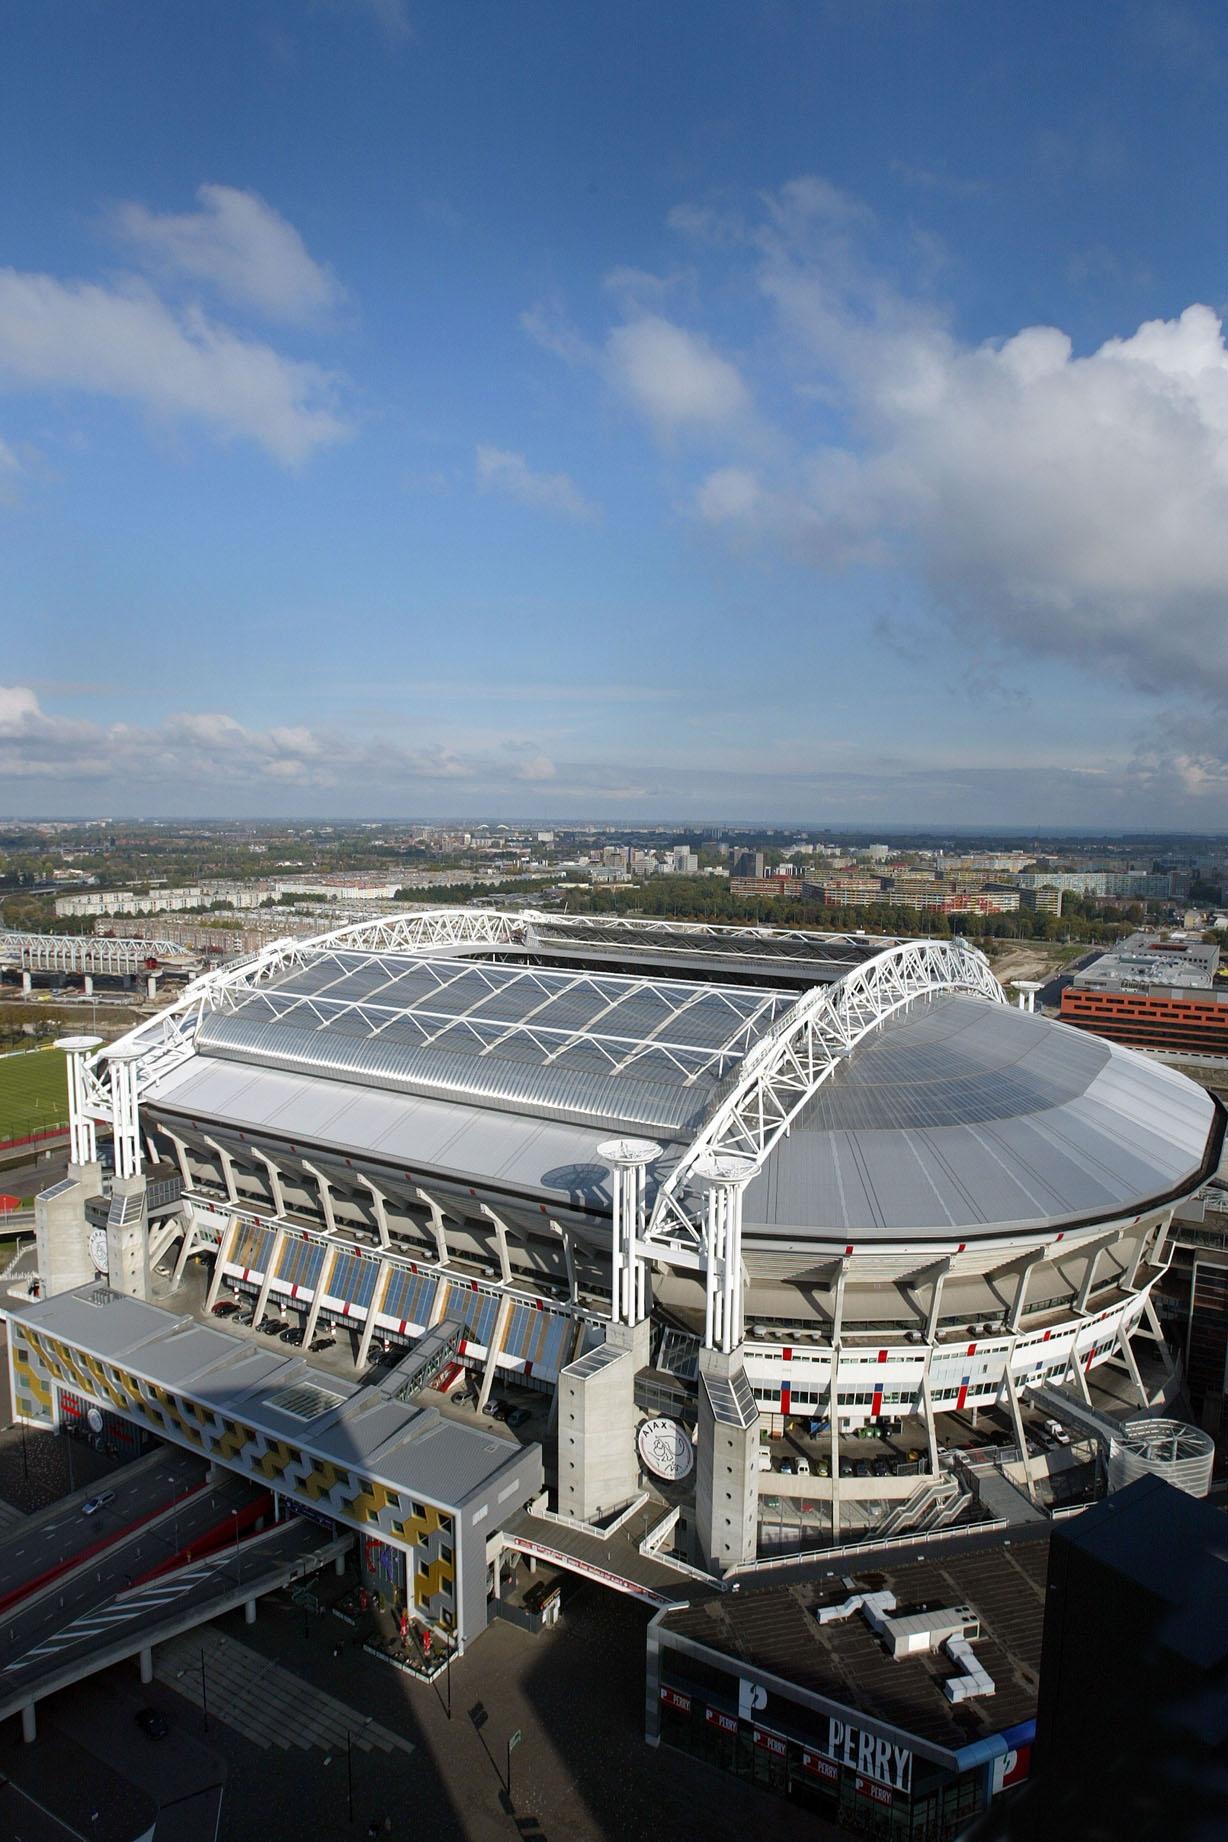 Amsterdam Arena Stadium Escalator Enclosures Beat Summer